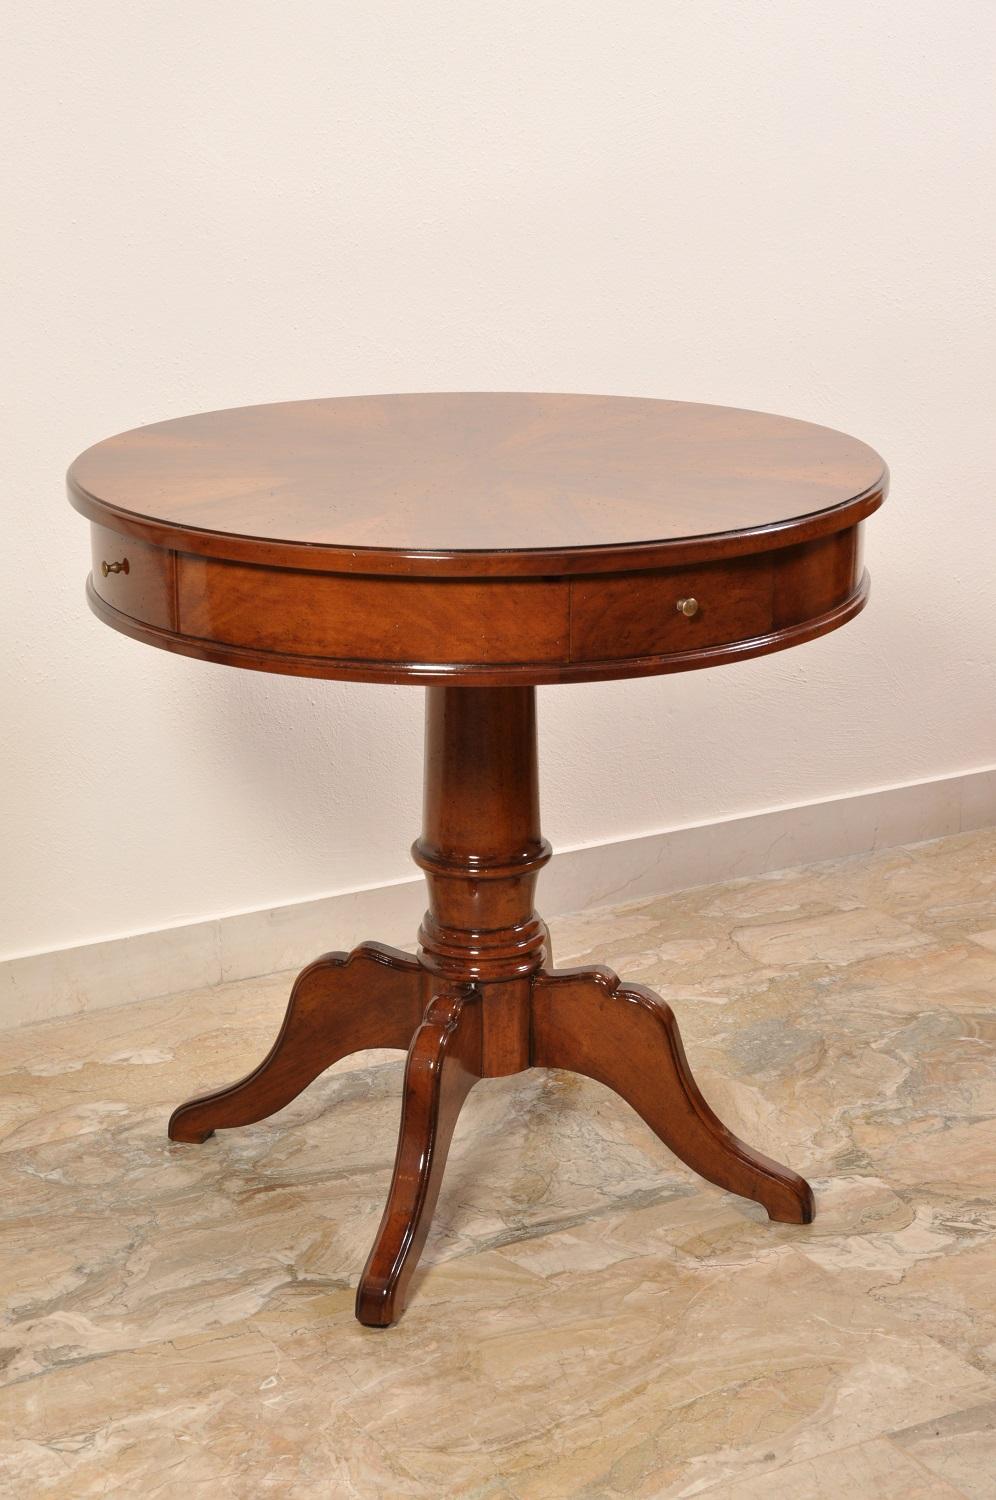 Latest tavolino rotondo con cassetti da centro stanza realizzato su misura in stile inglese - Mobili stile inglese bianco ...